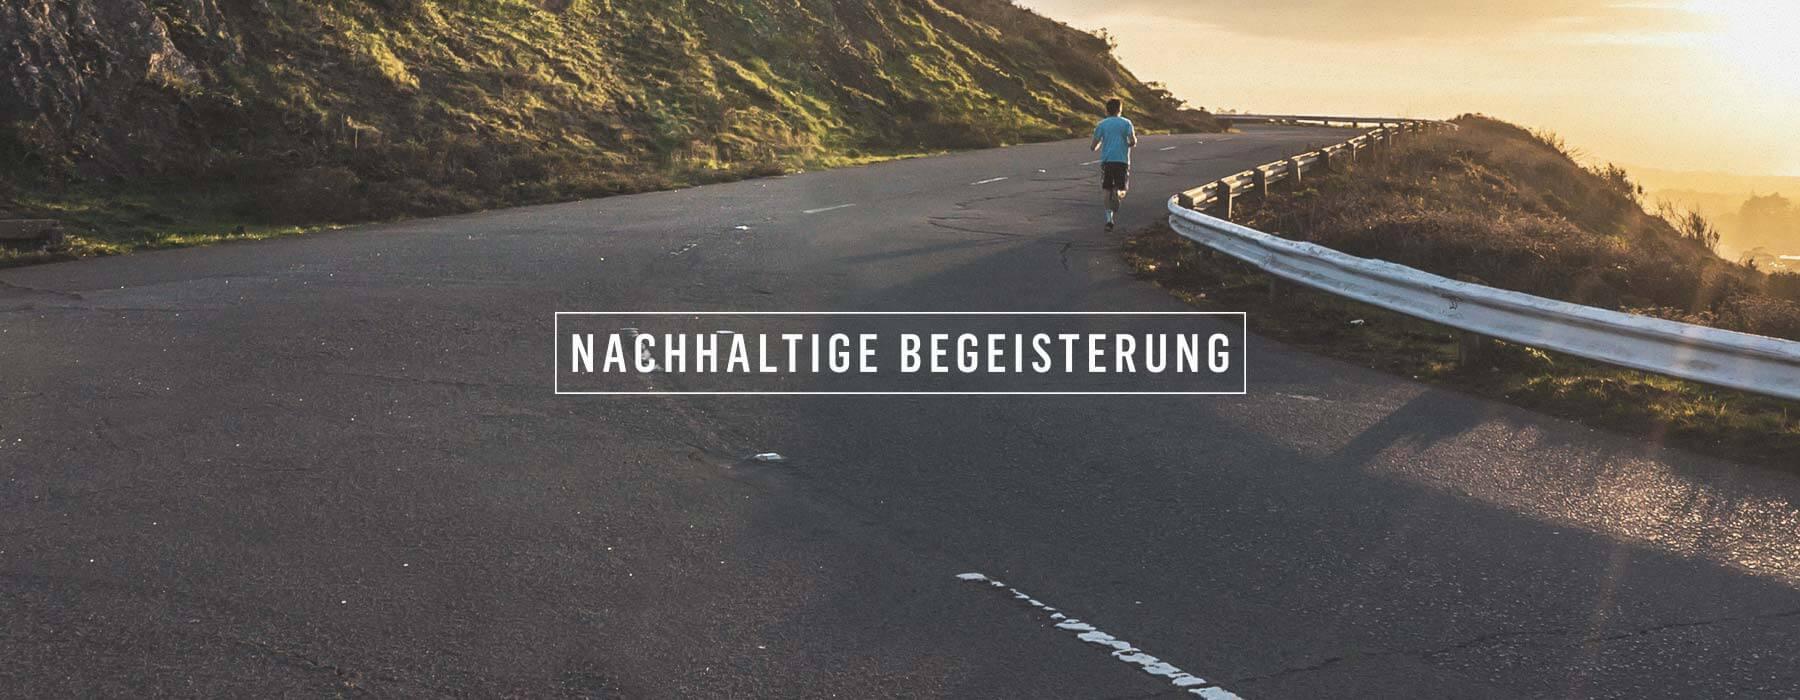 team_pera_ueber-uns_nachhaltige-begeisterung